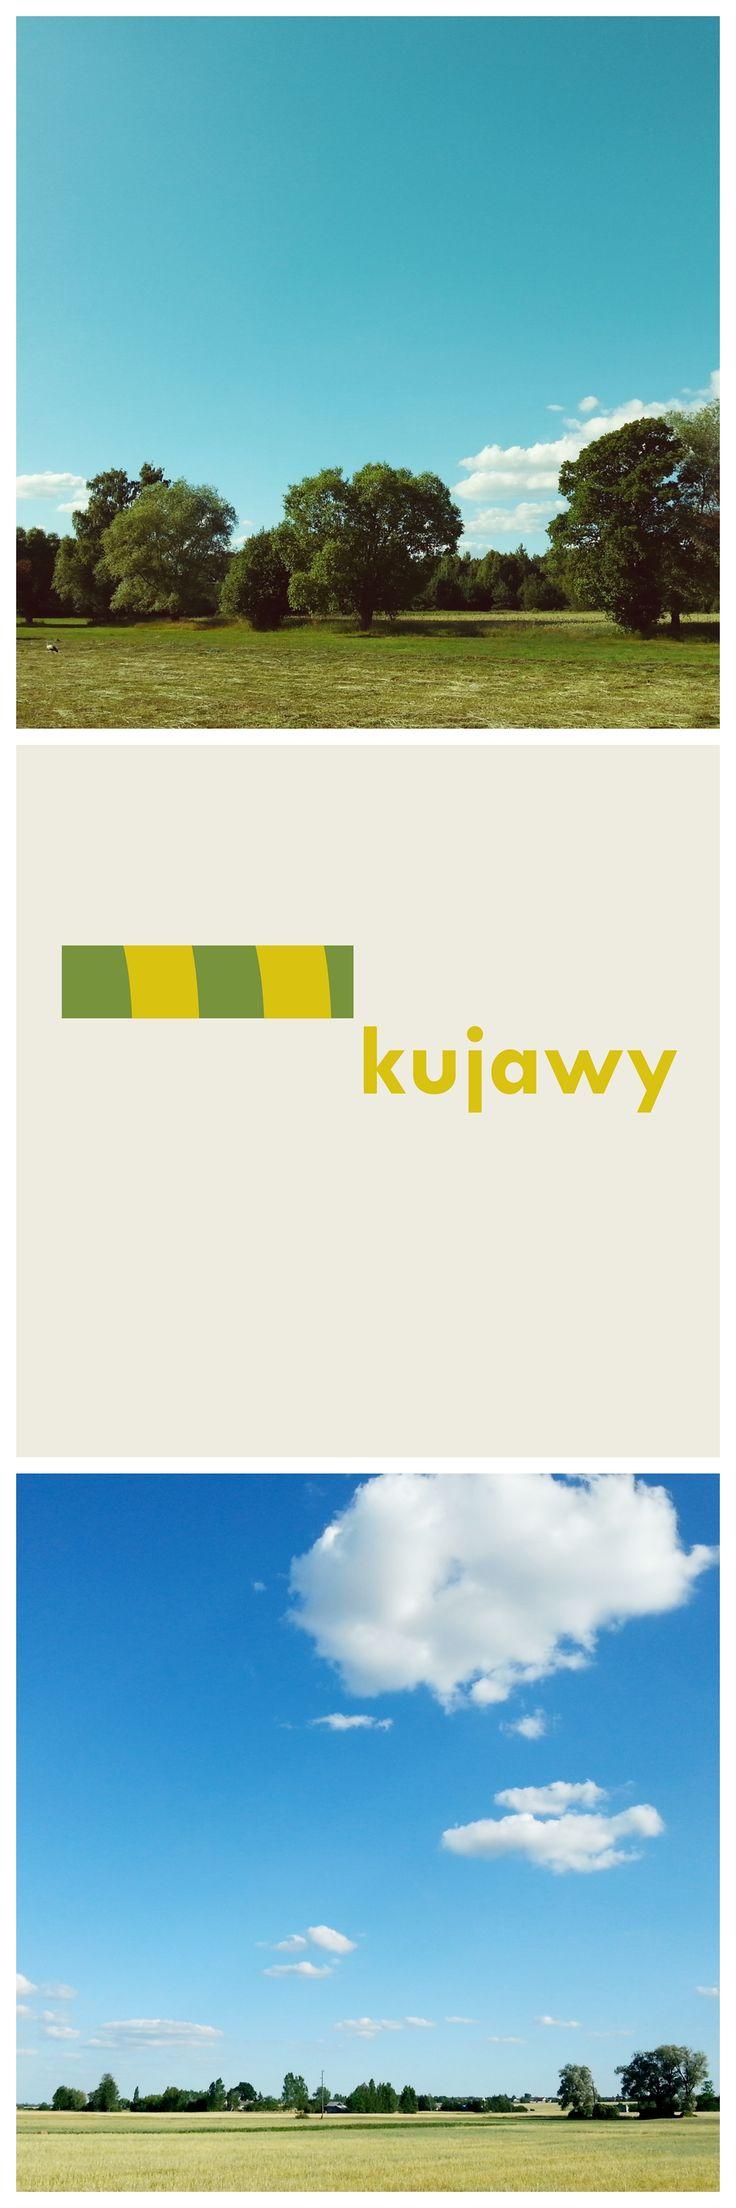 Wypady rowerowe tak nas uskrzydliły, że czasem bawimy się w design... Kujawy nas inspirują! • Kuyavian-Pomeranian • prostokąt - lekko faliste, nizinne ukształtowanie terenu • pasy żółci i zieleni - tradycyjne krajobrazy pól upranych  • rectangle - slightly wavy, lowland area • stripes of yellow and green - the traditional landscapes of farmland for Kujawy in central Poland